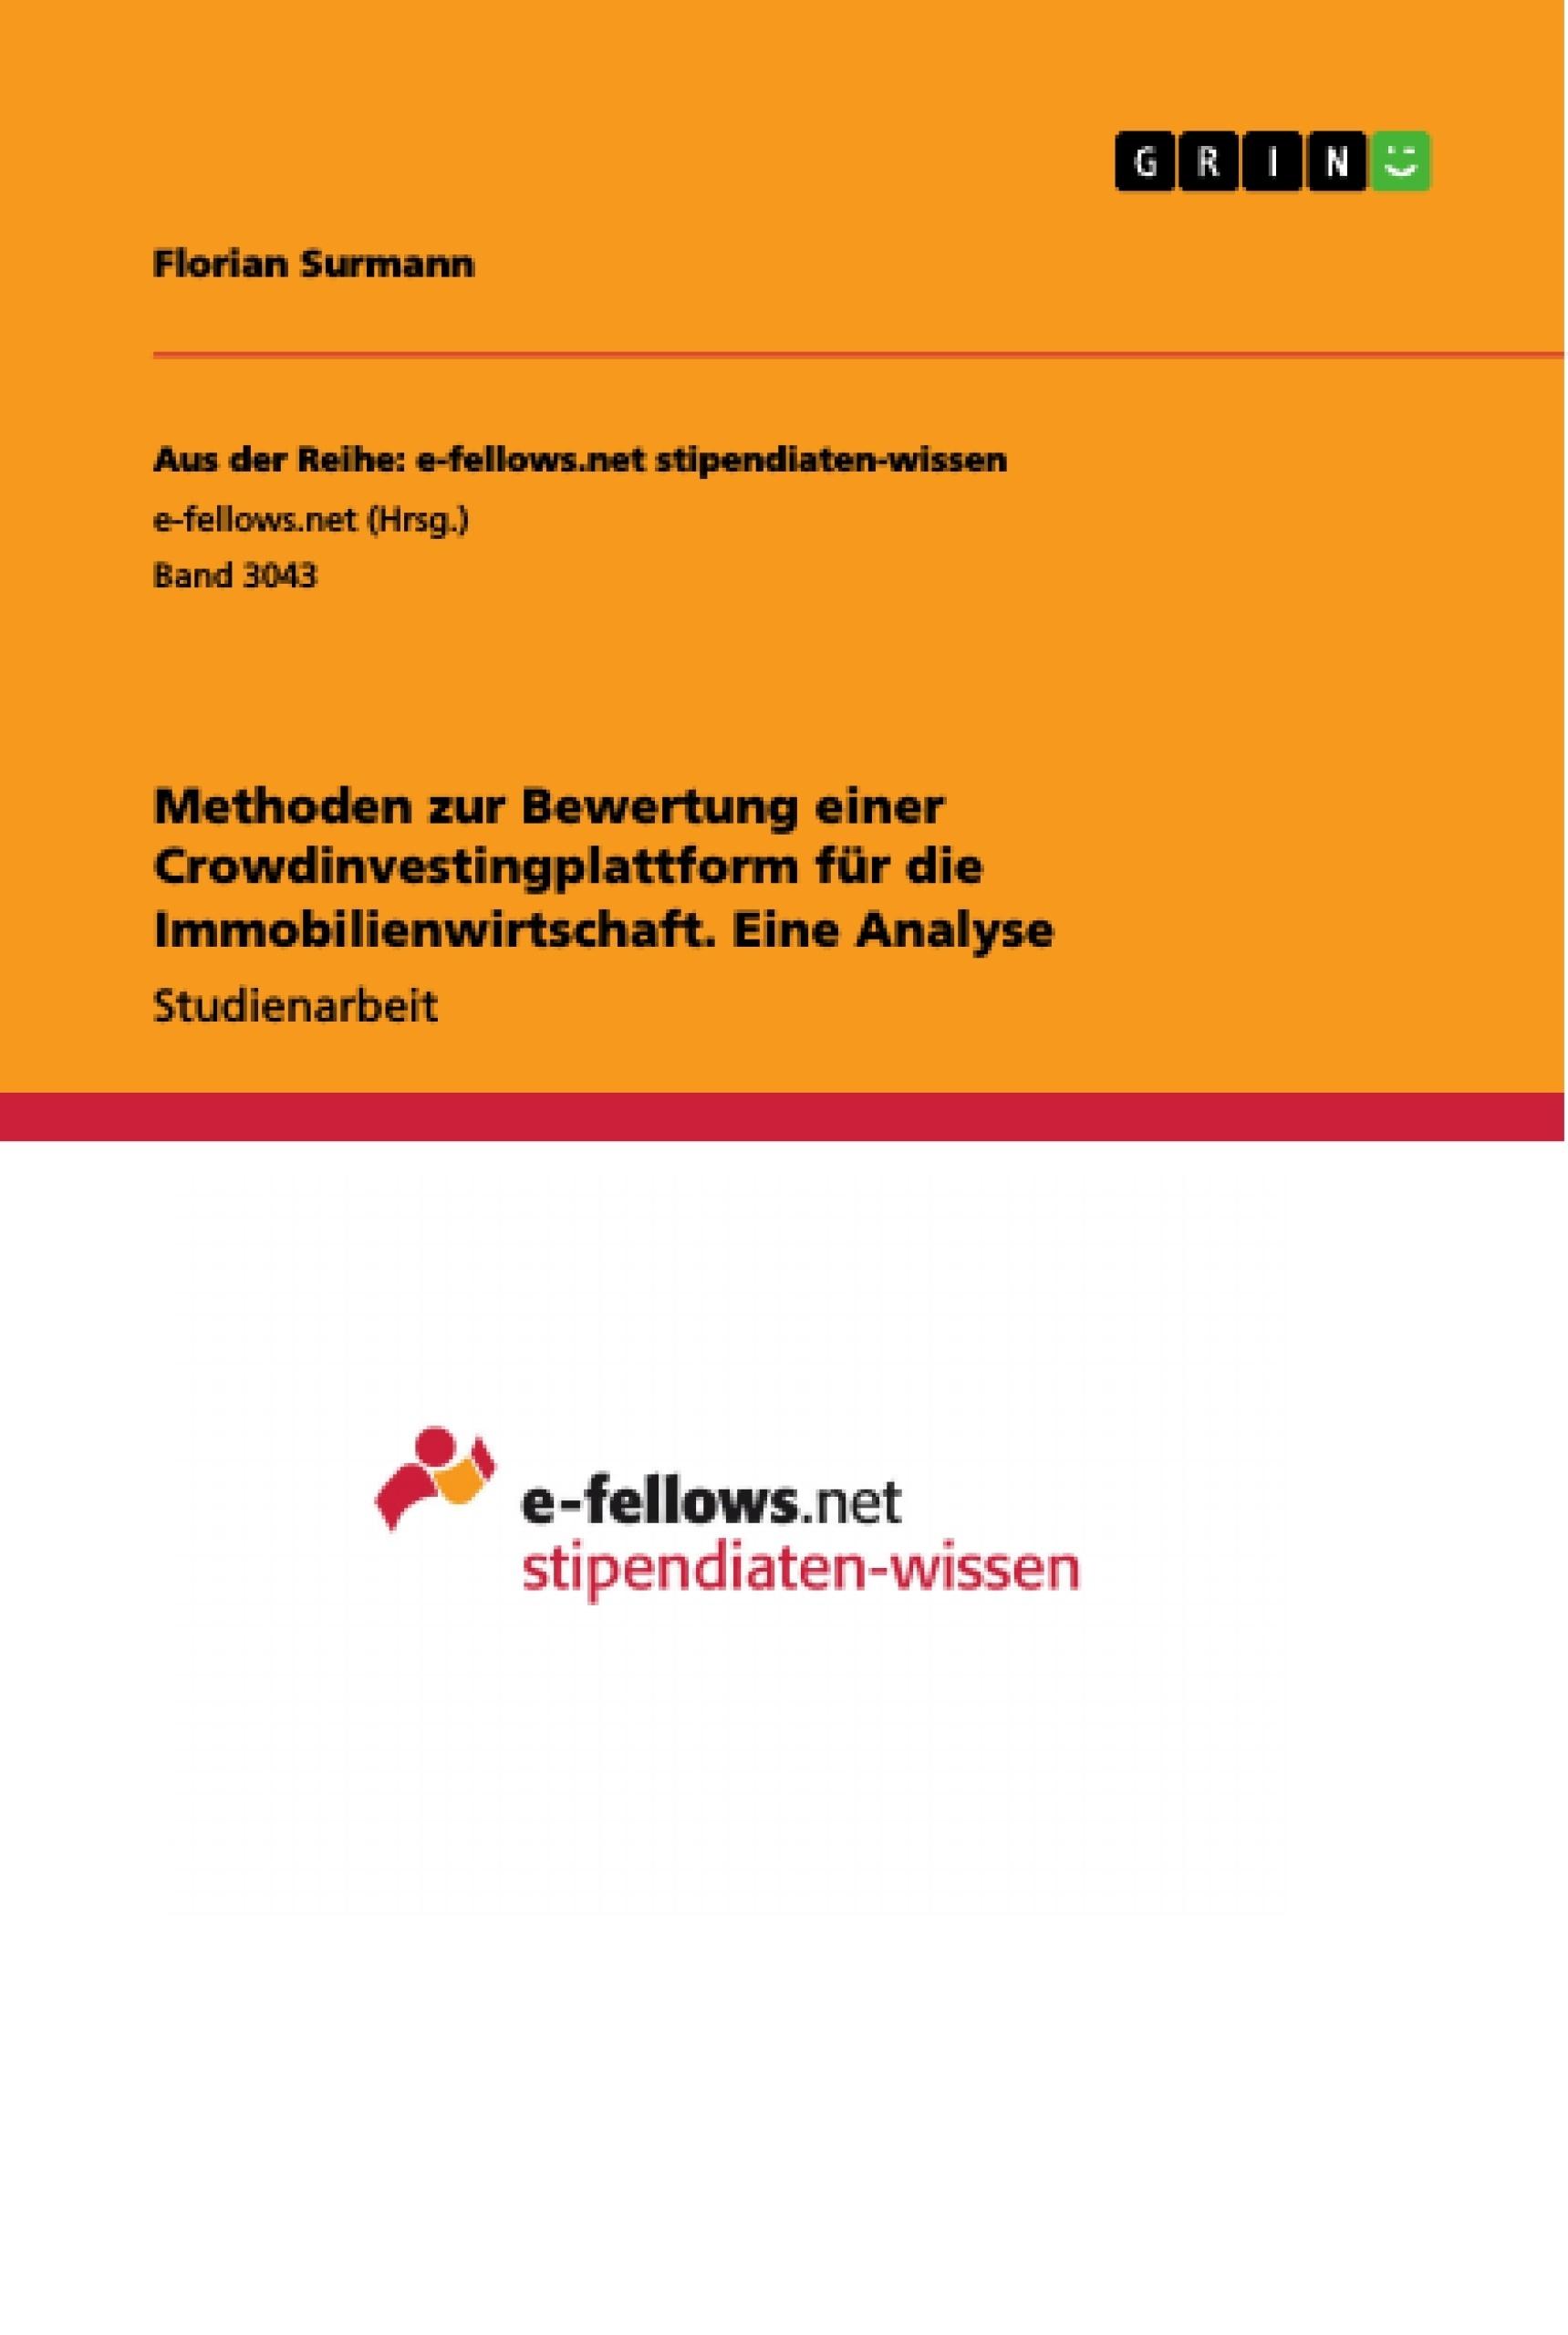 Titel: Methoden zur Bewertung einer Crowdinvestingplattform für die Immobilienwirtschaft. Eine Analyse